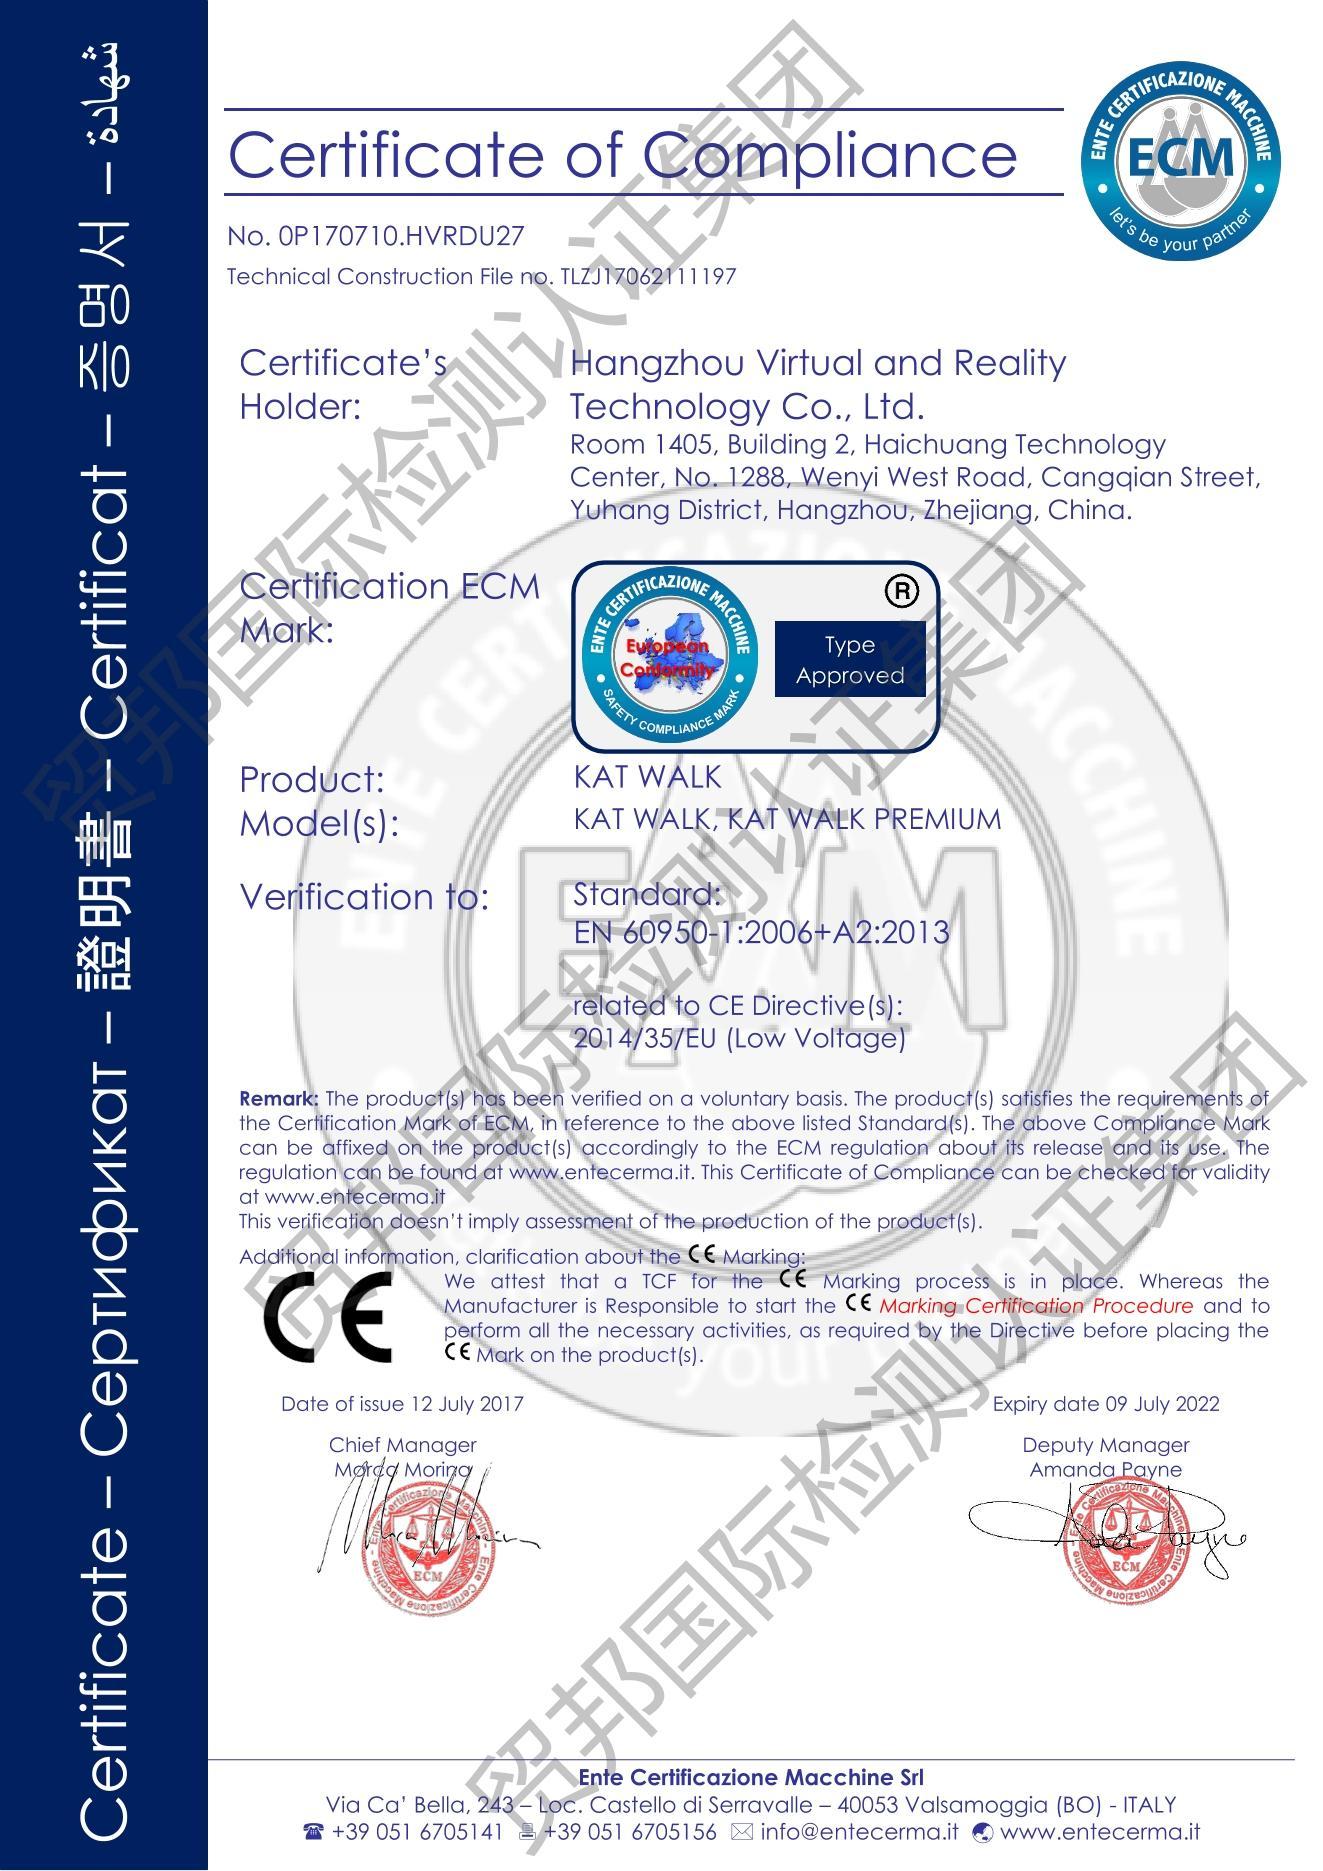 电气产品CE认证-LVD指令